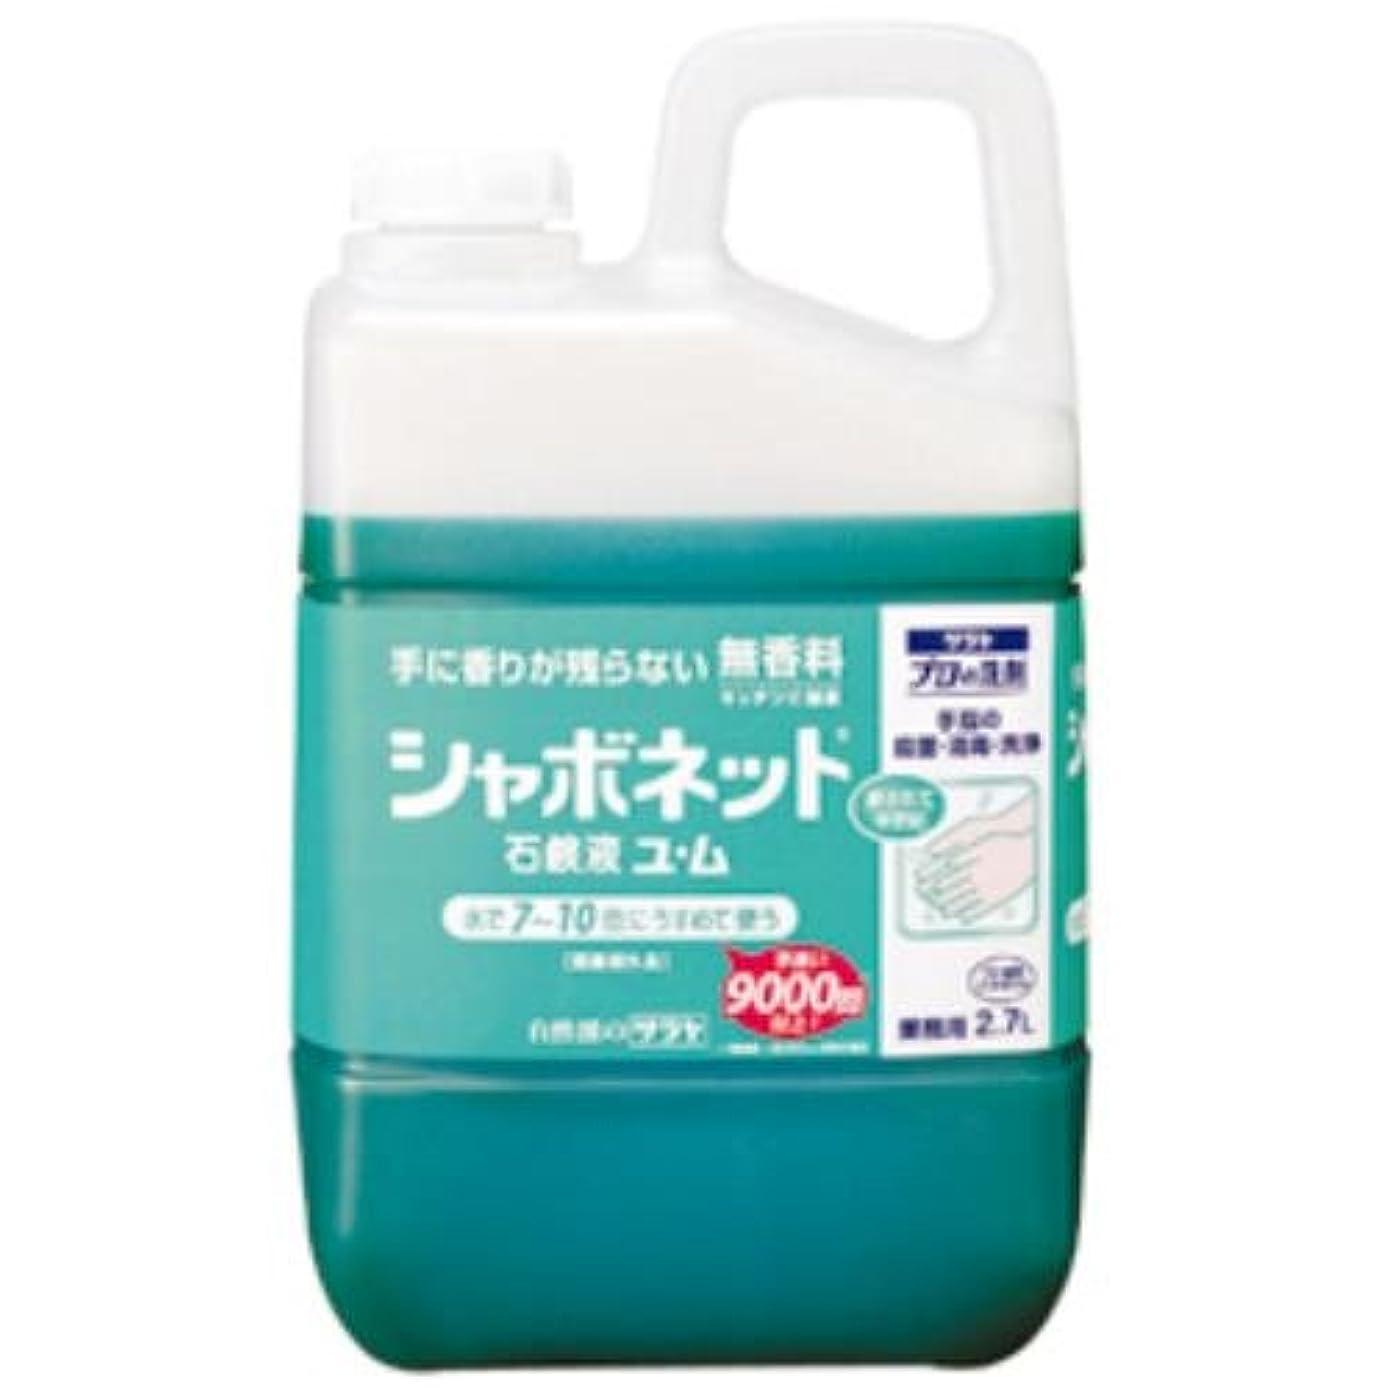 多様性繊維石油シャボネット石鹸液ユ?ム2.7L 123-271